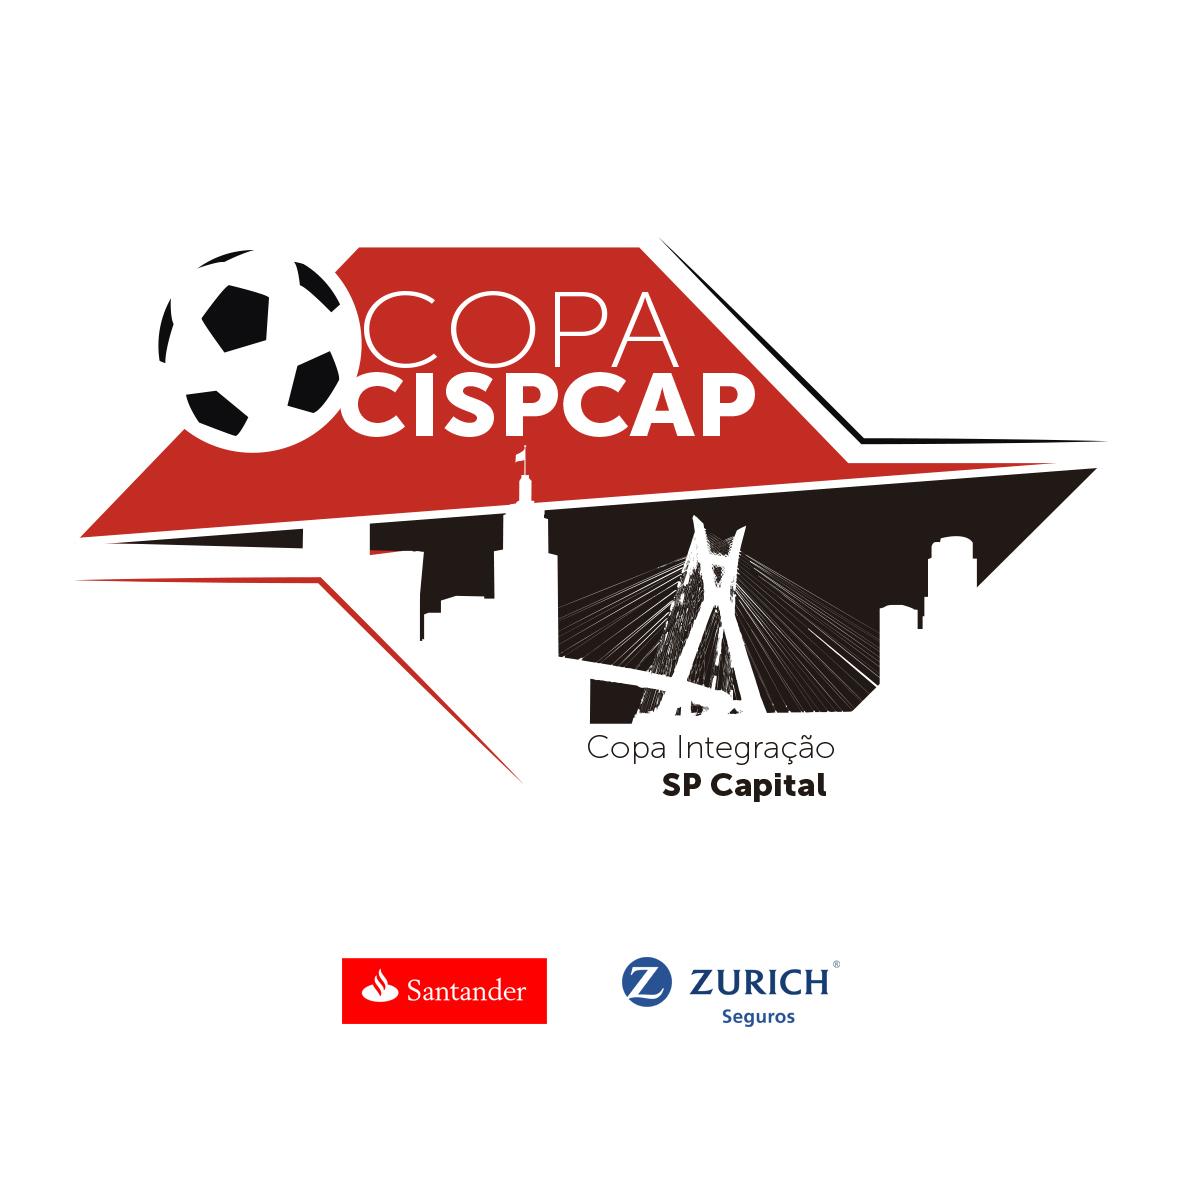 3ª Ciscap Santander Zurich - Série A (Nascidos até 1982 - menos de 35 anos)